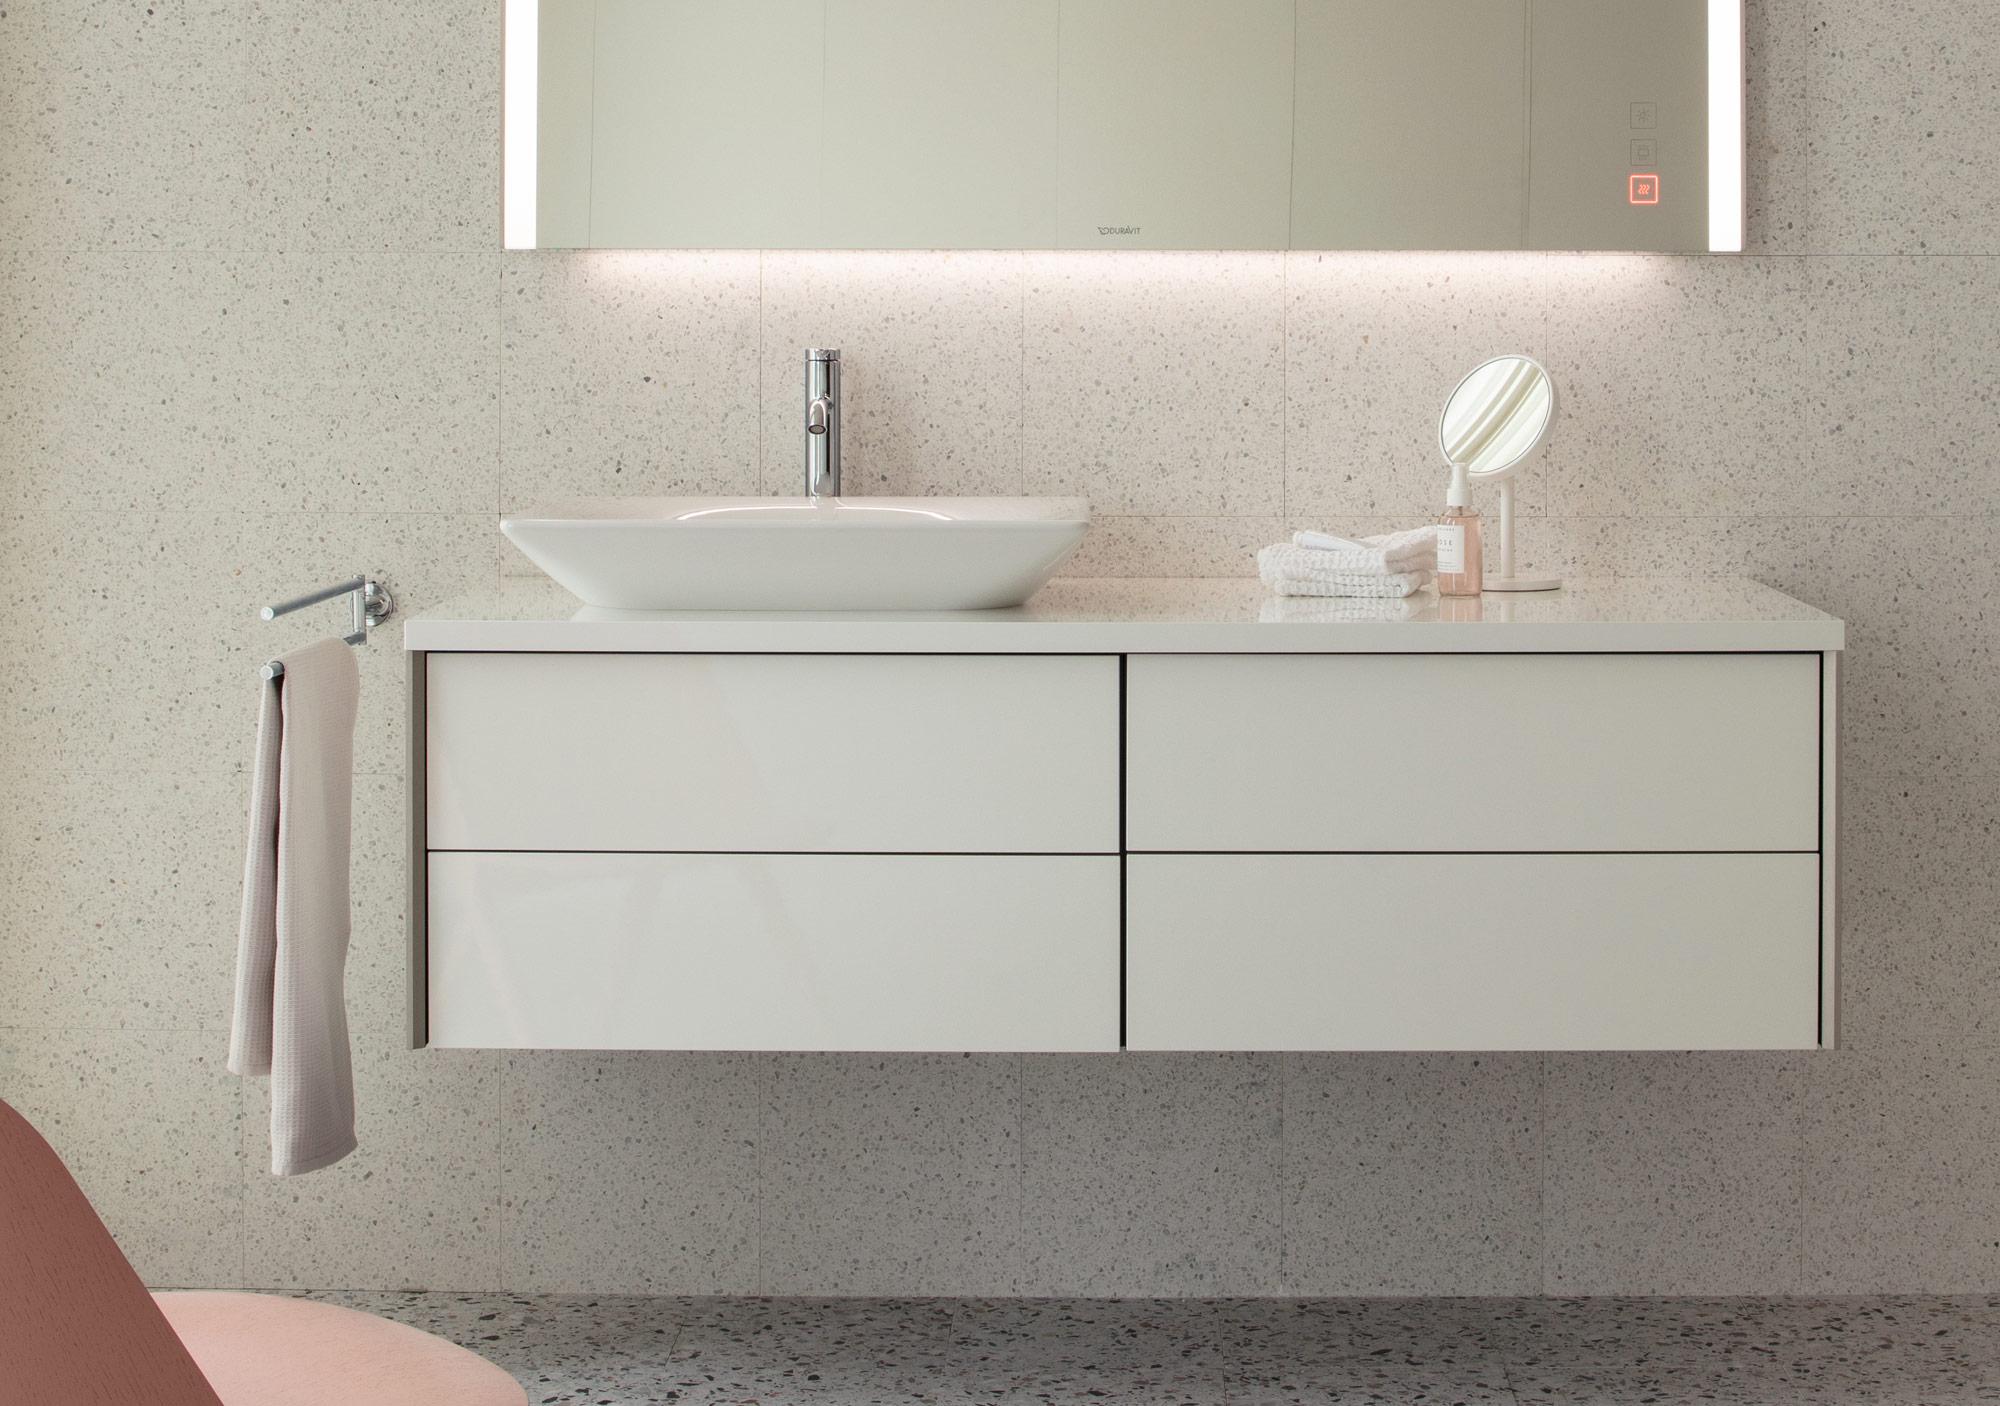 Duravit Xviu Amp Viu Bathroom Range Extraordinary Bathroom